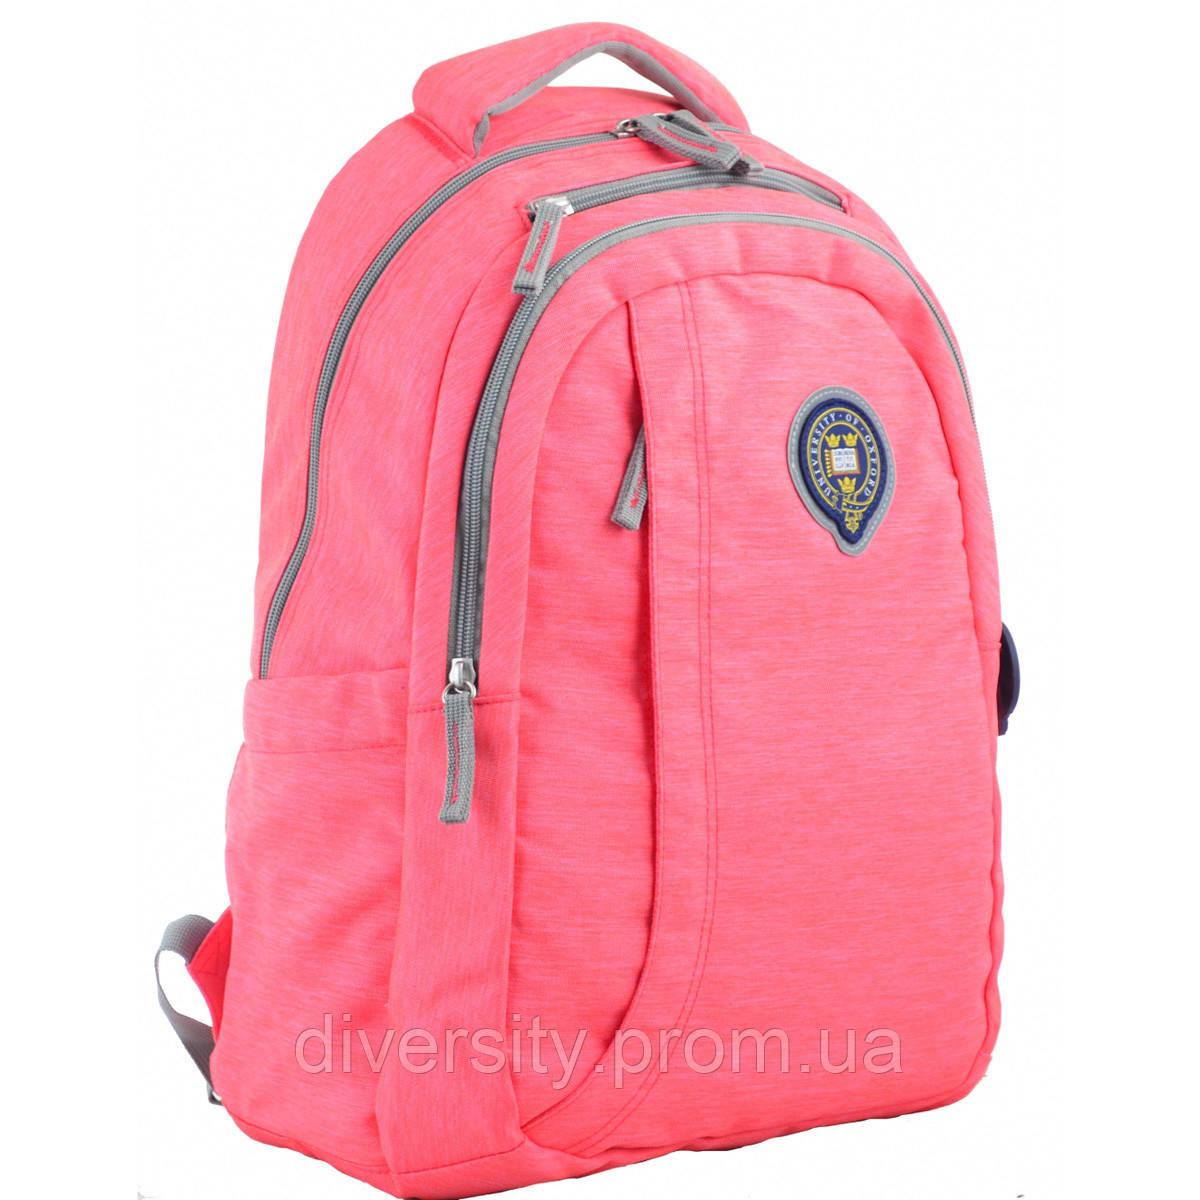 Молодежный рюкзак YES  OX 391,  розовый